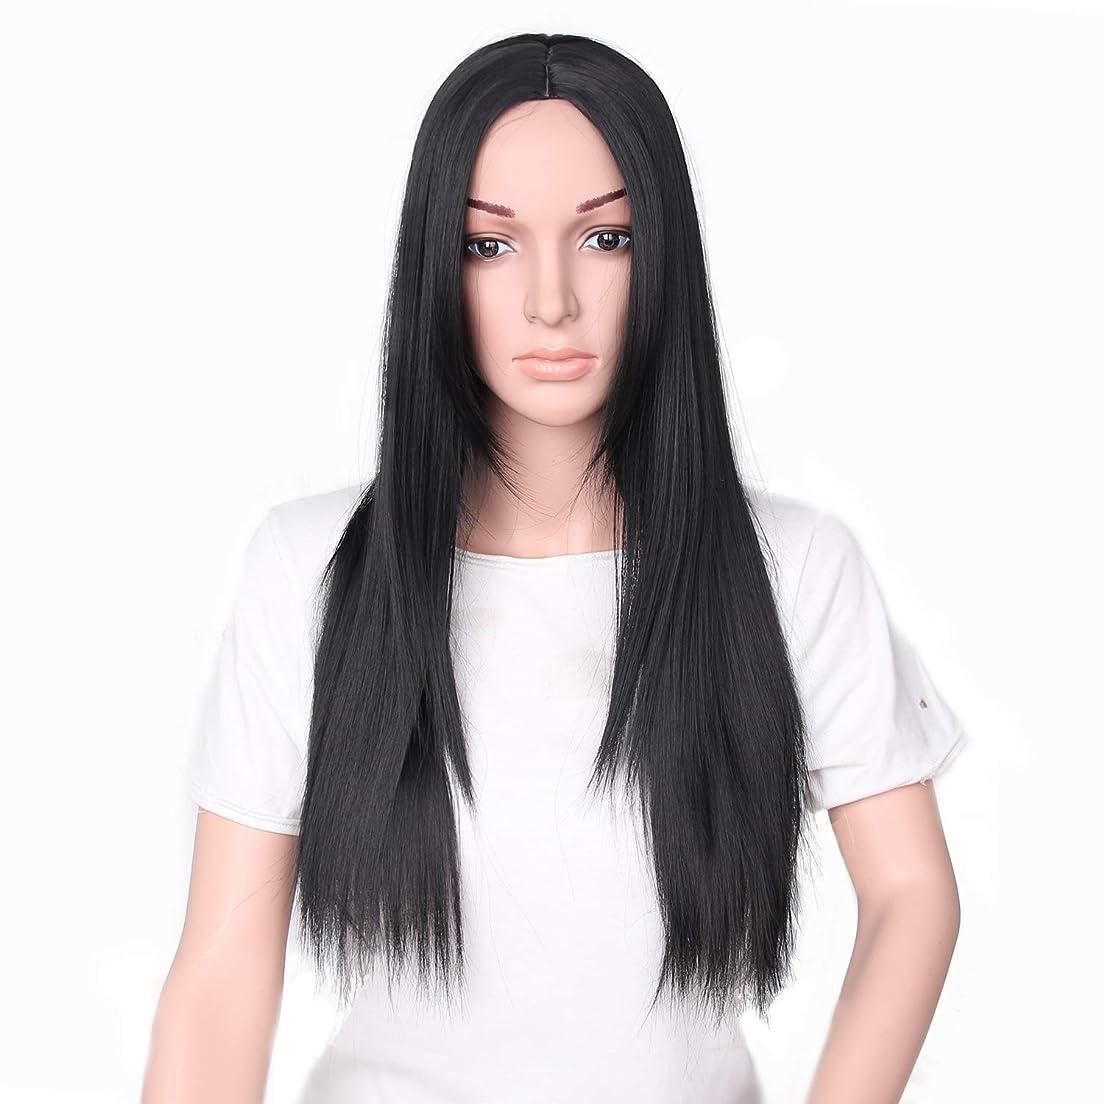 歴史的代名詞マチュピチュYZUEYT 66cm女性ナチュラルセンター分割ロングストレートブラックヘアウィッグ YZUEYT (Size : One size)